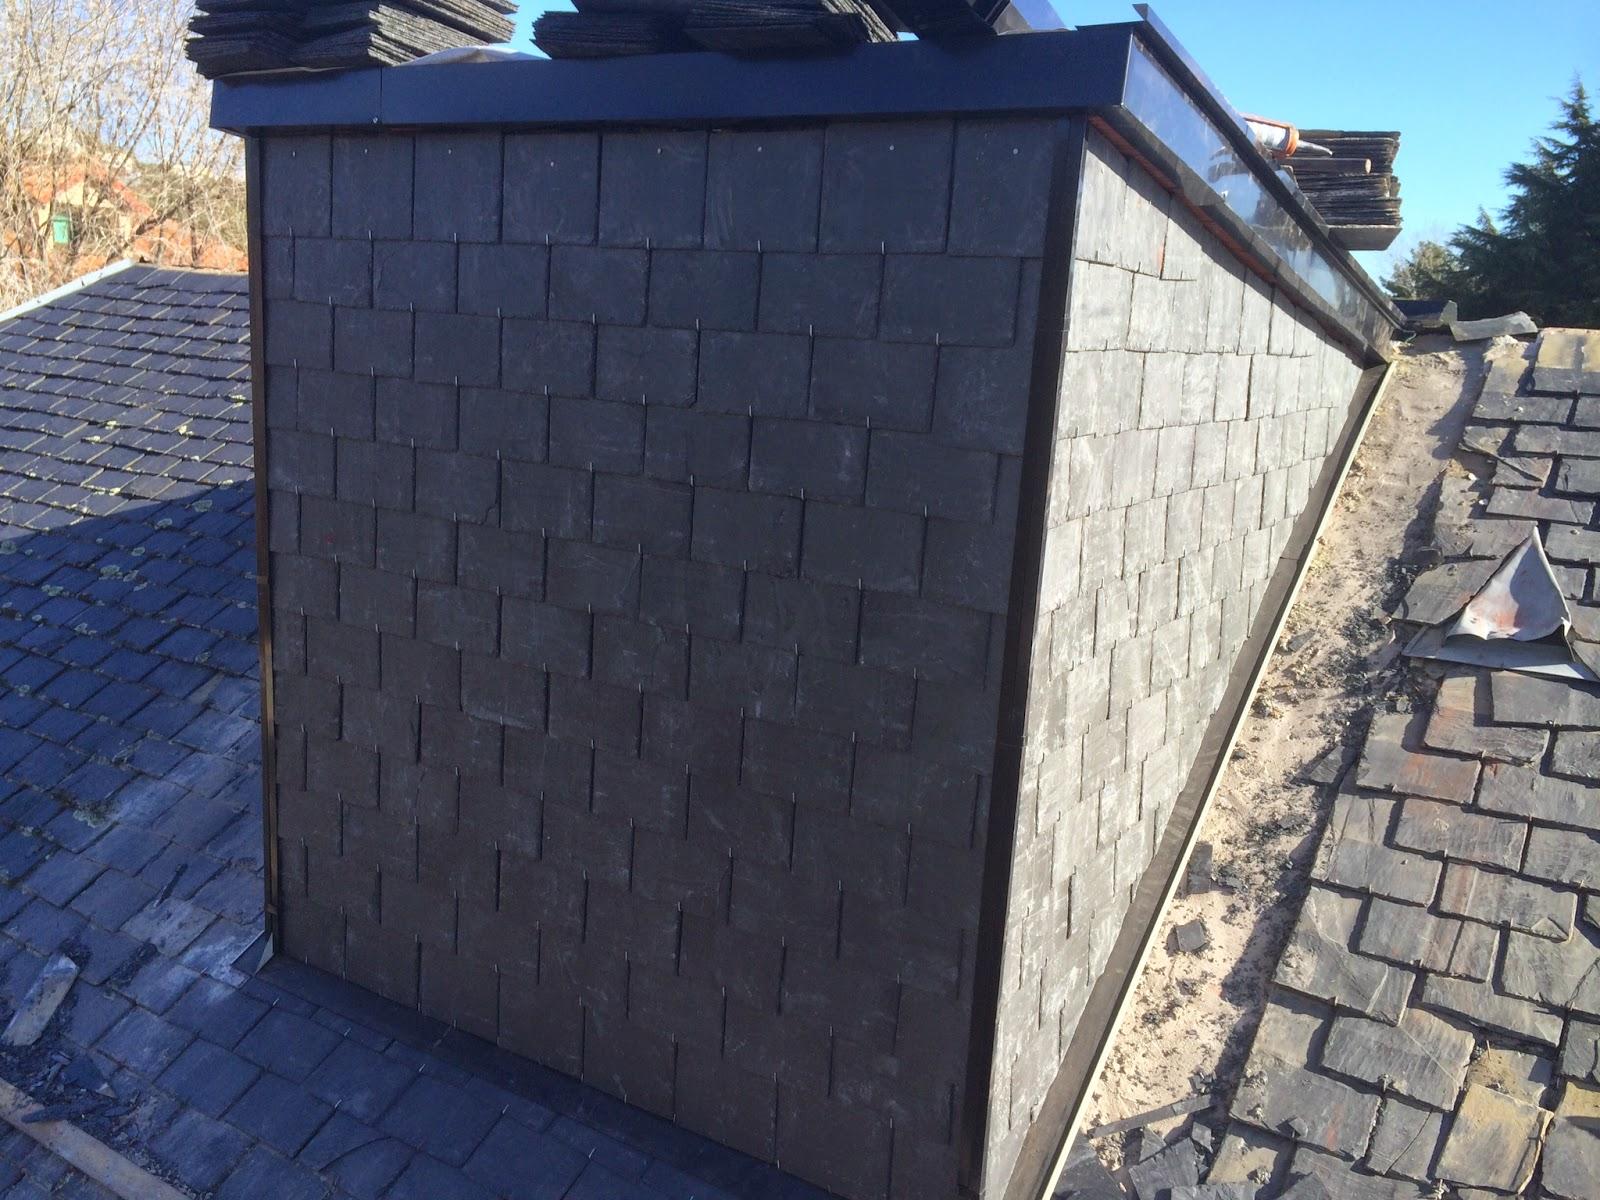 Reparacion de tejados de pizarra san jos enero 2015 - Tejado de pizarra ...